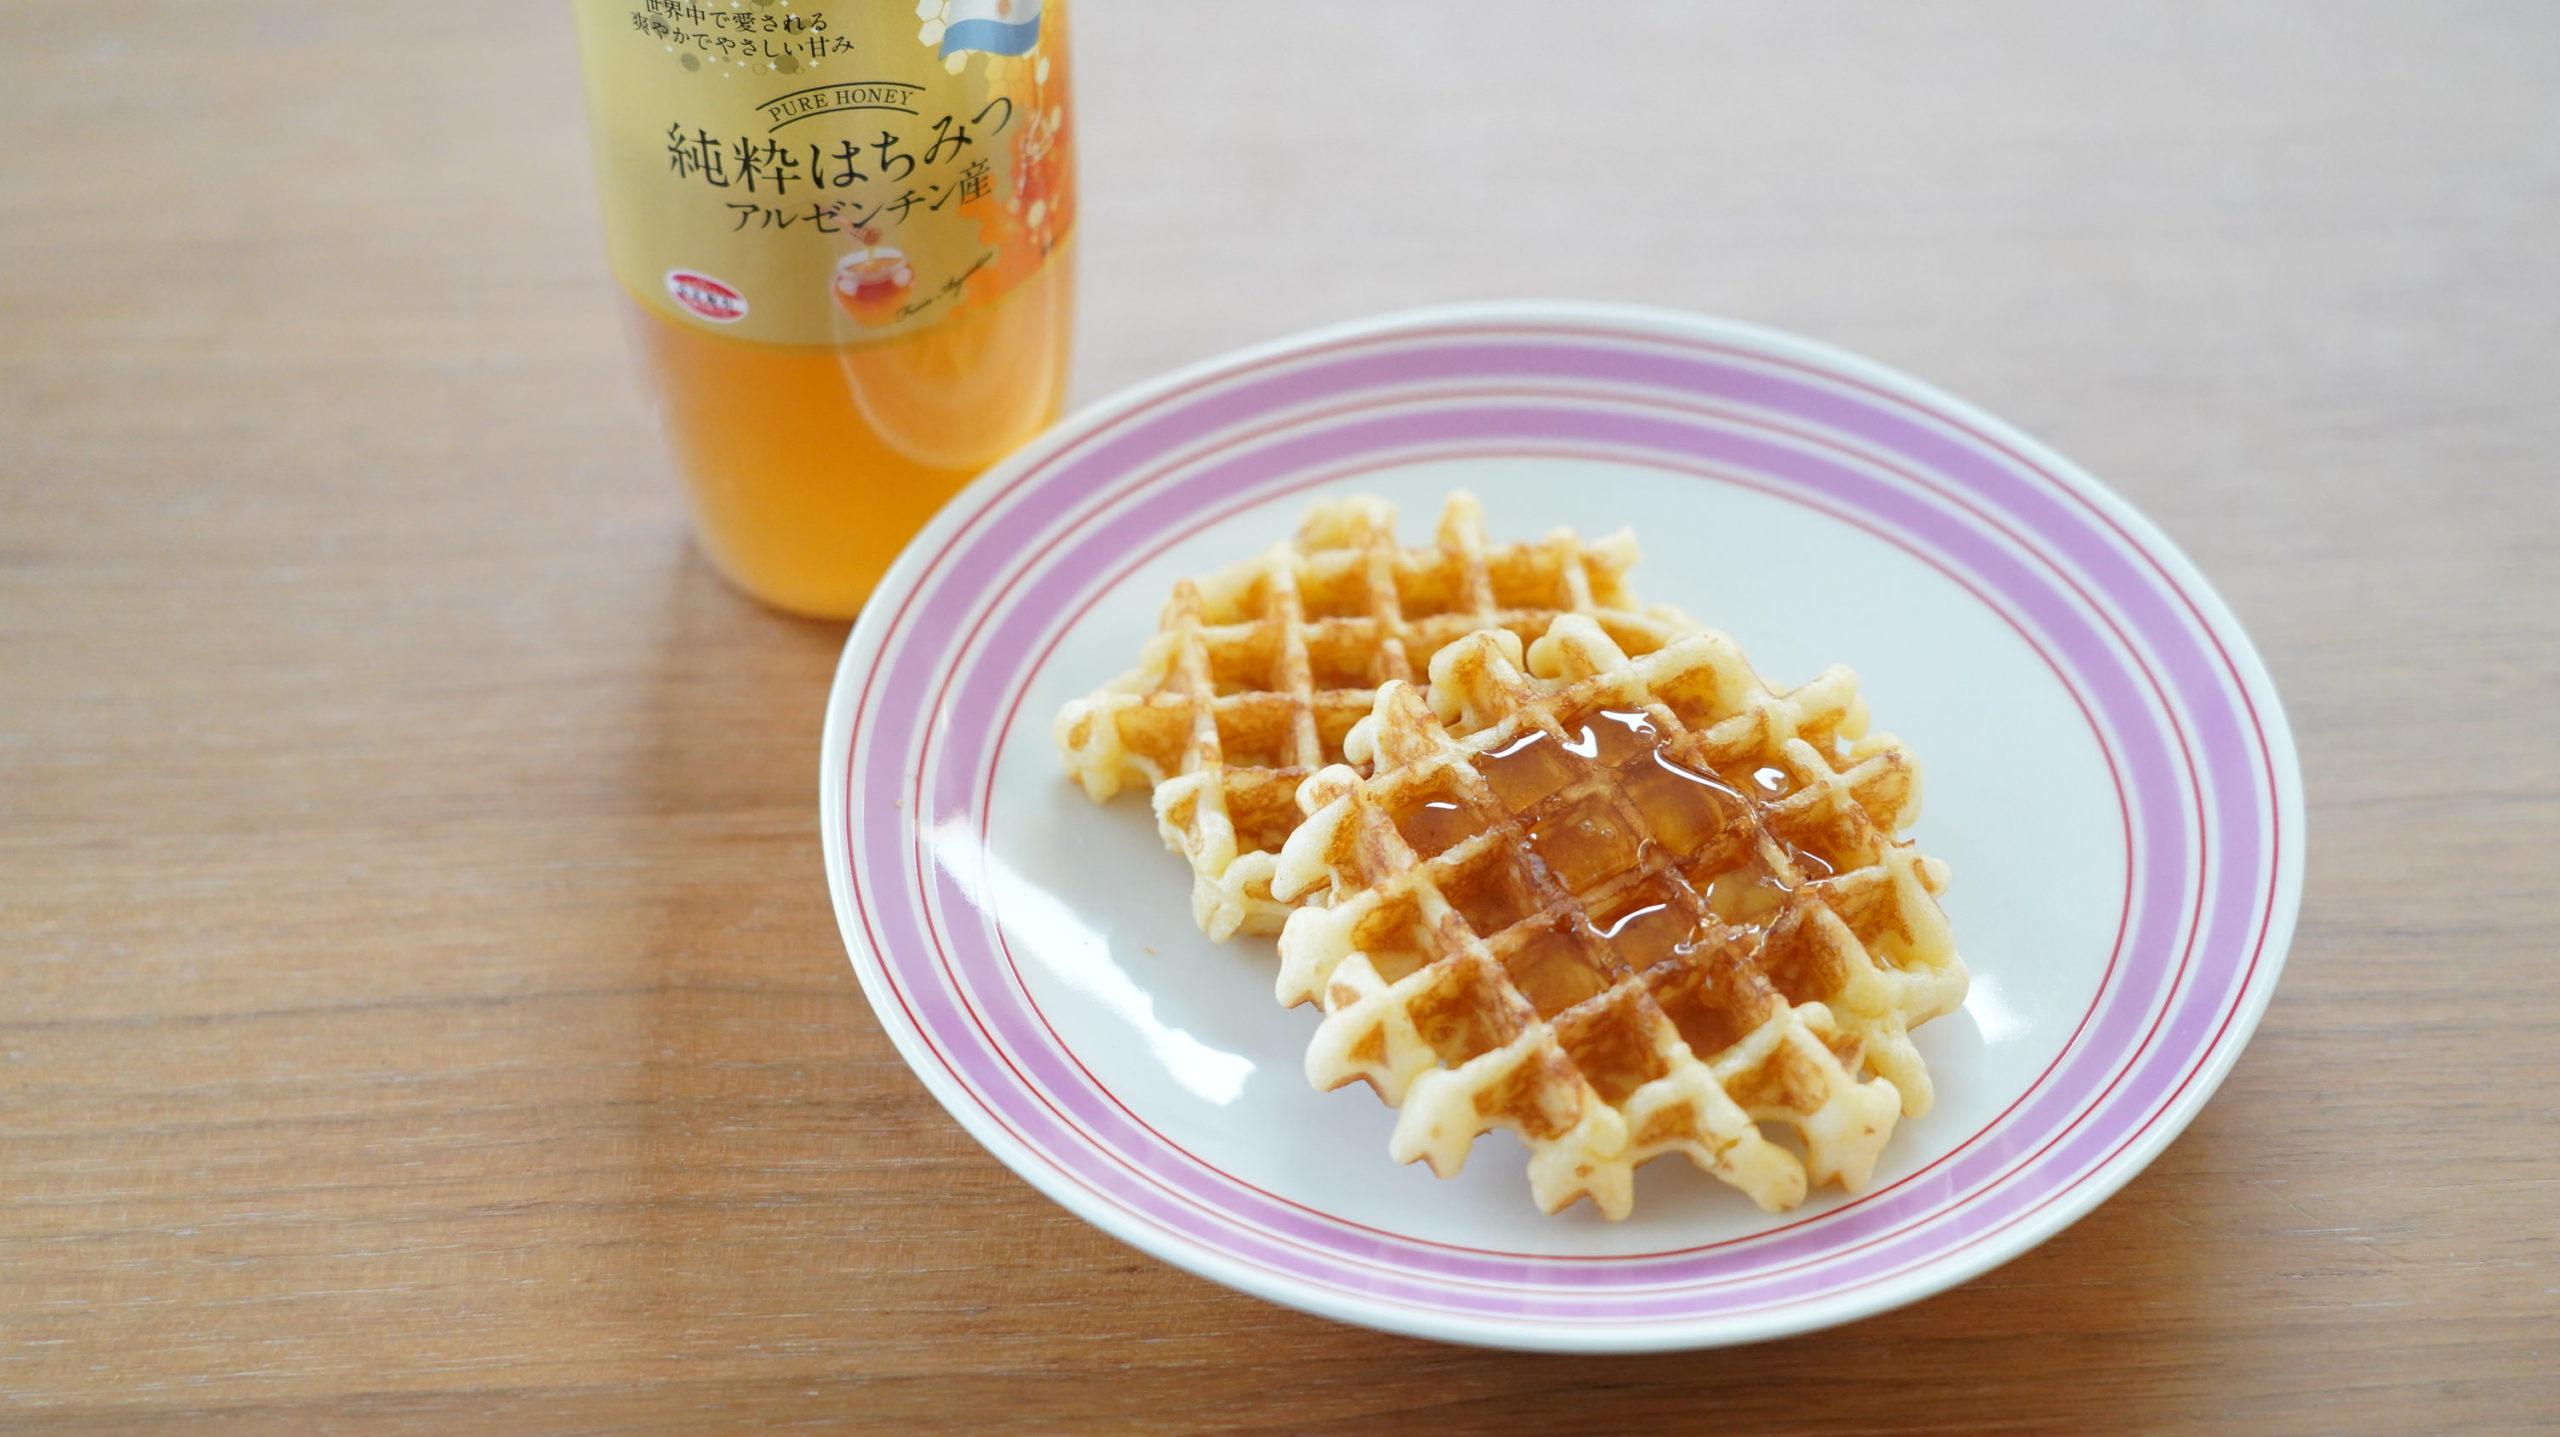 コストコの冷凍食品「ベルギー・バターワッフル」とハチミツのボトルの写真